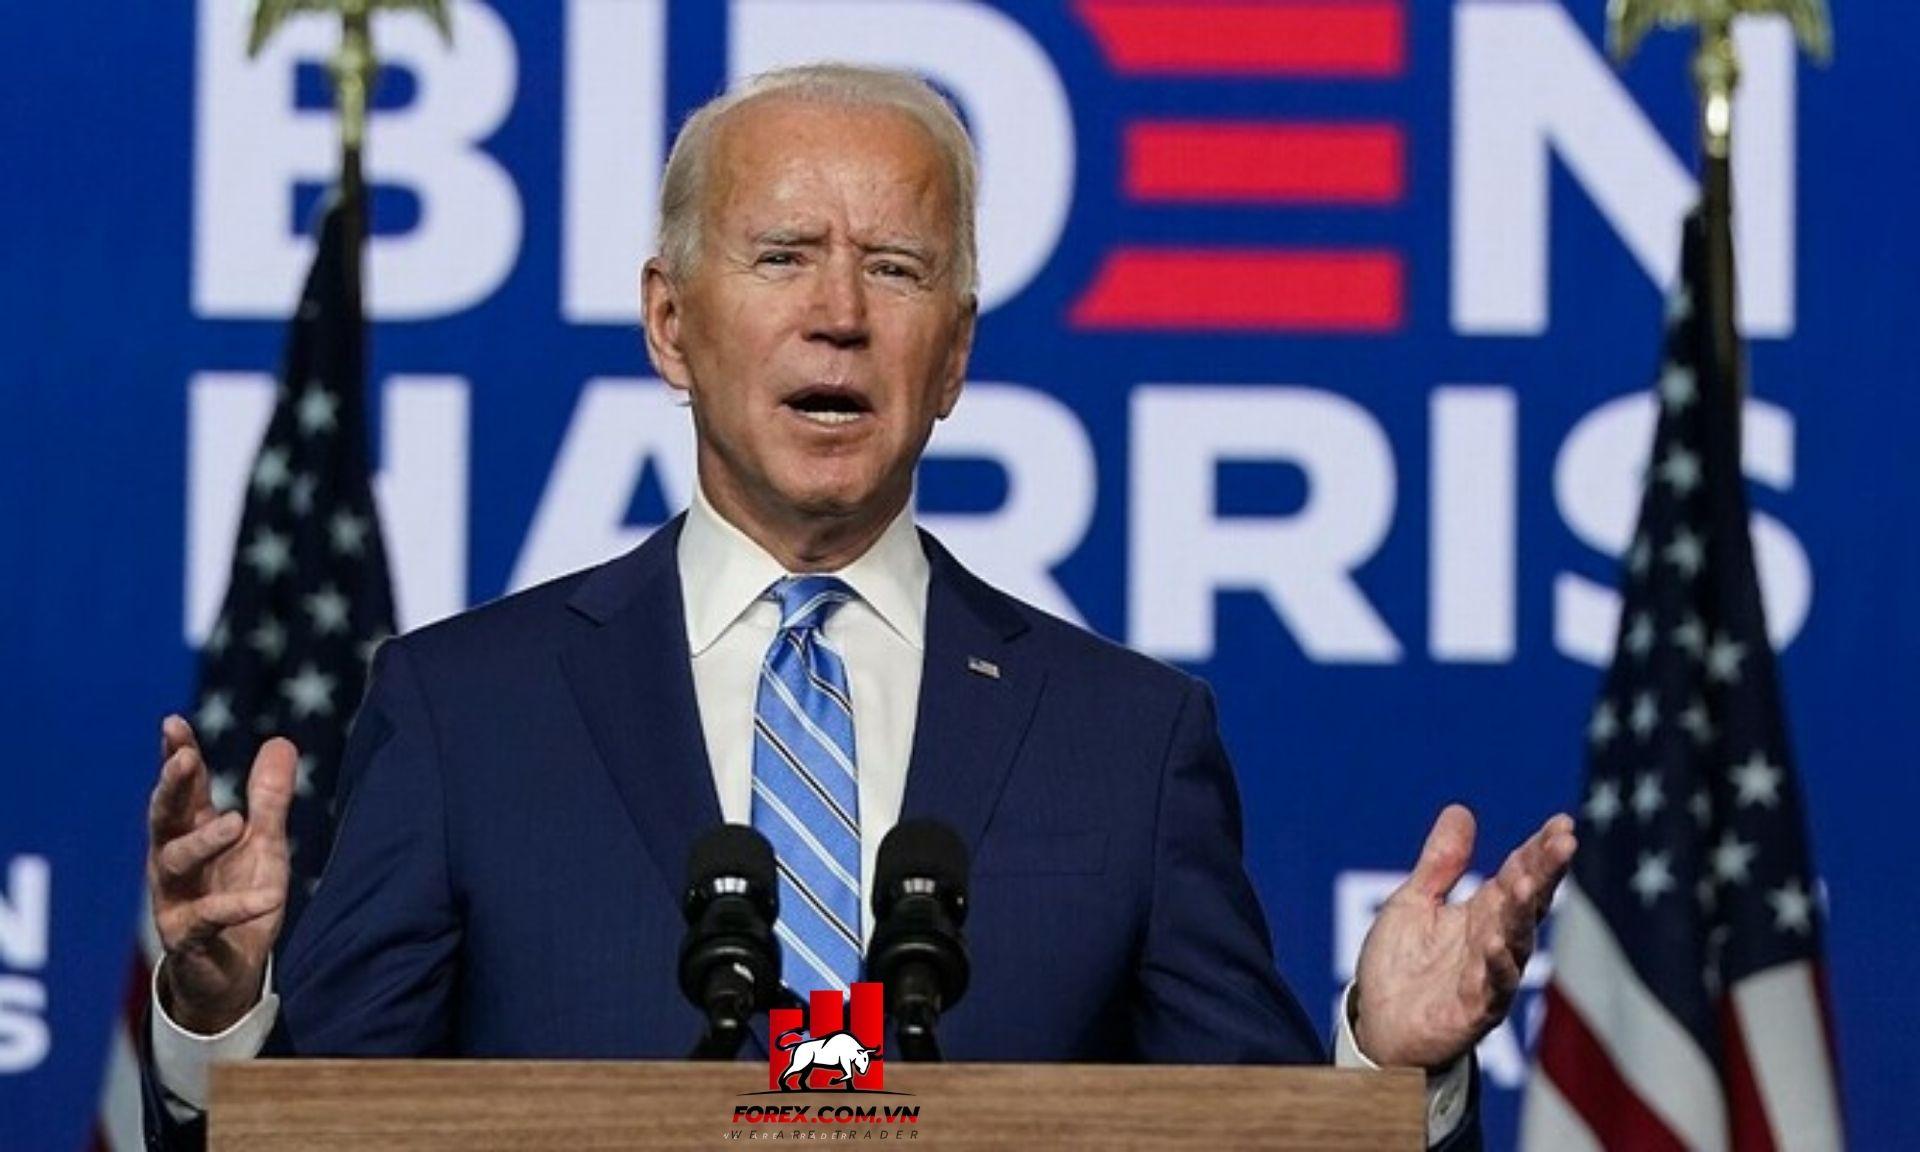 Ông Joe Biden hiện đã có 264 phiếu đại cử tri